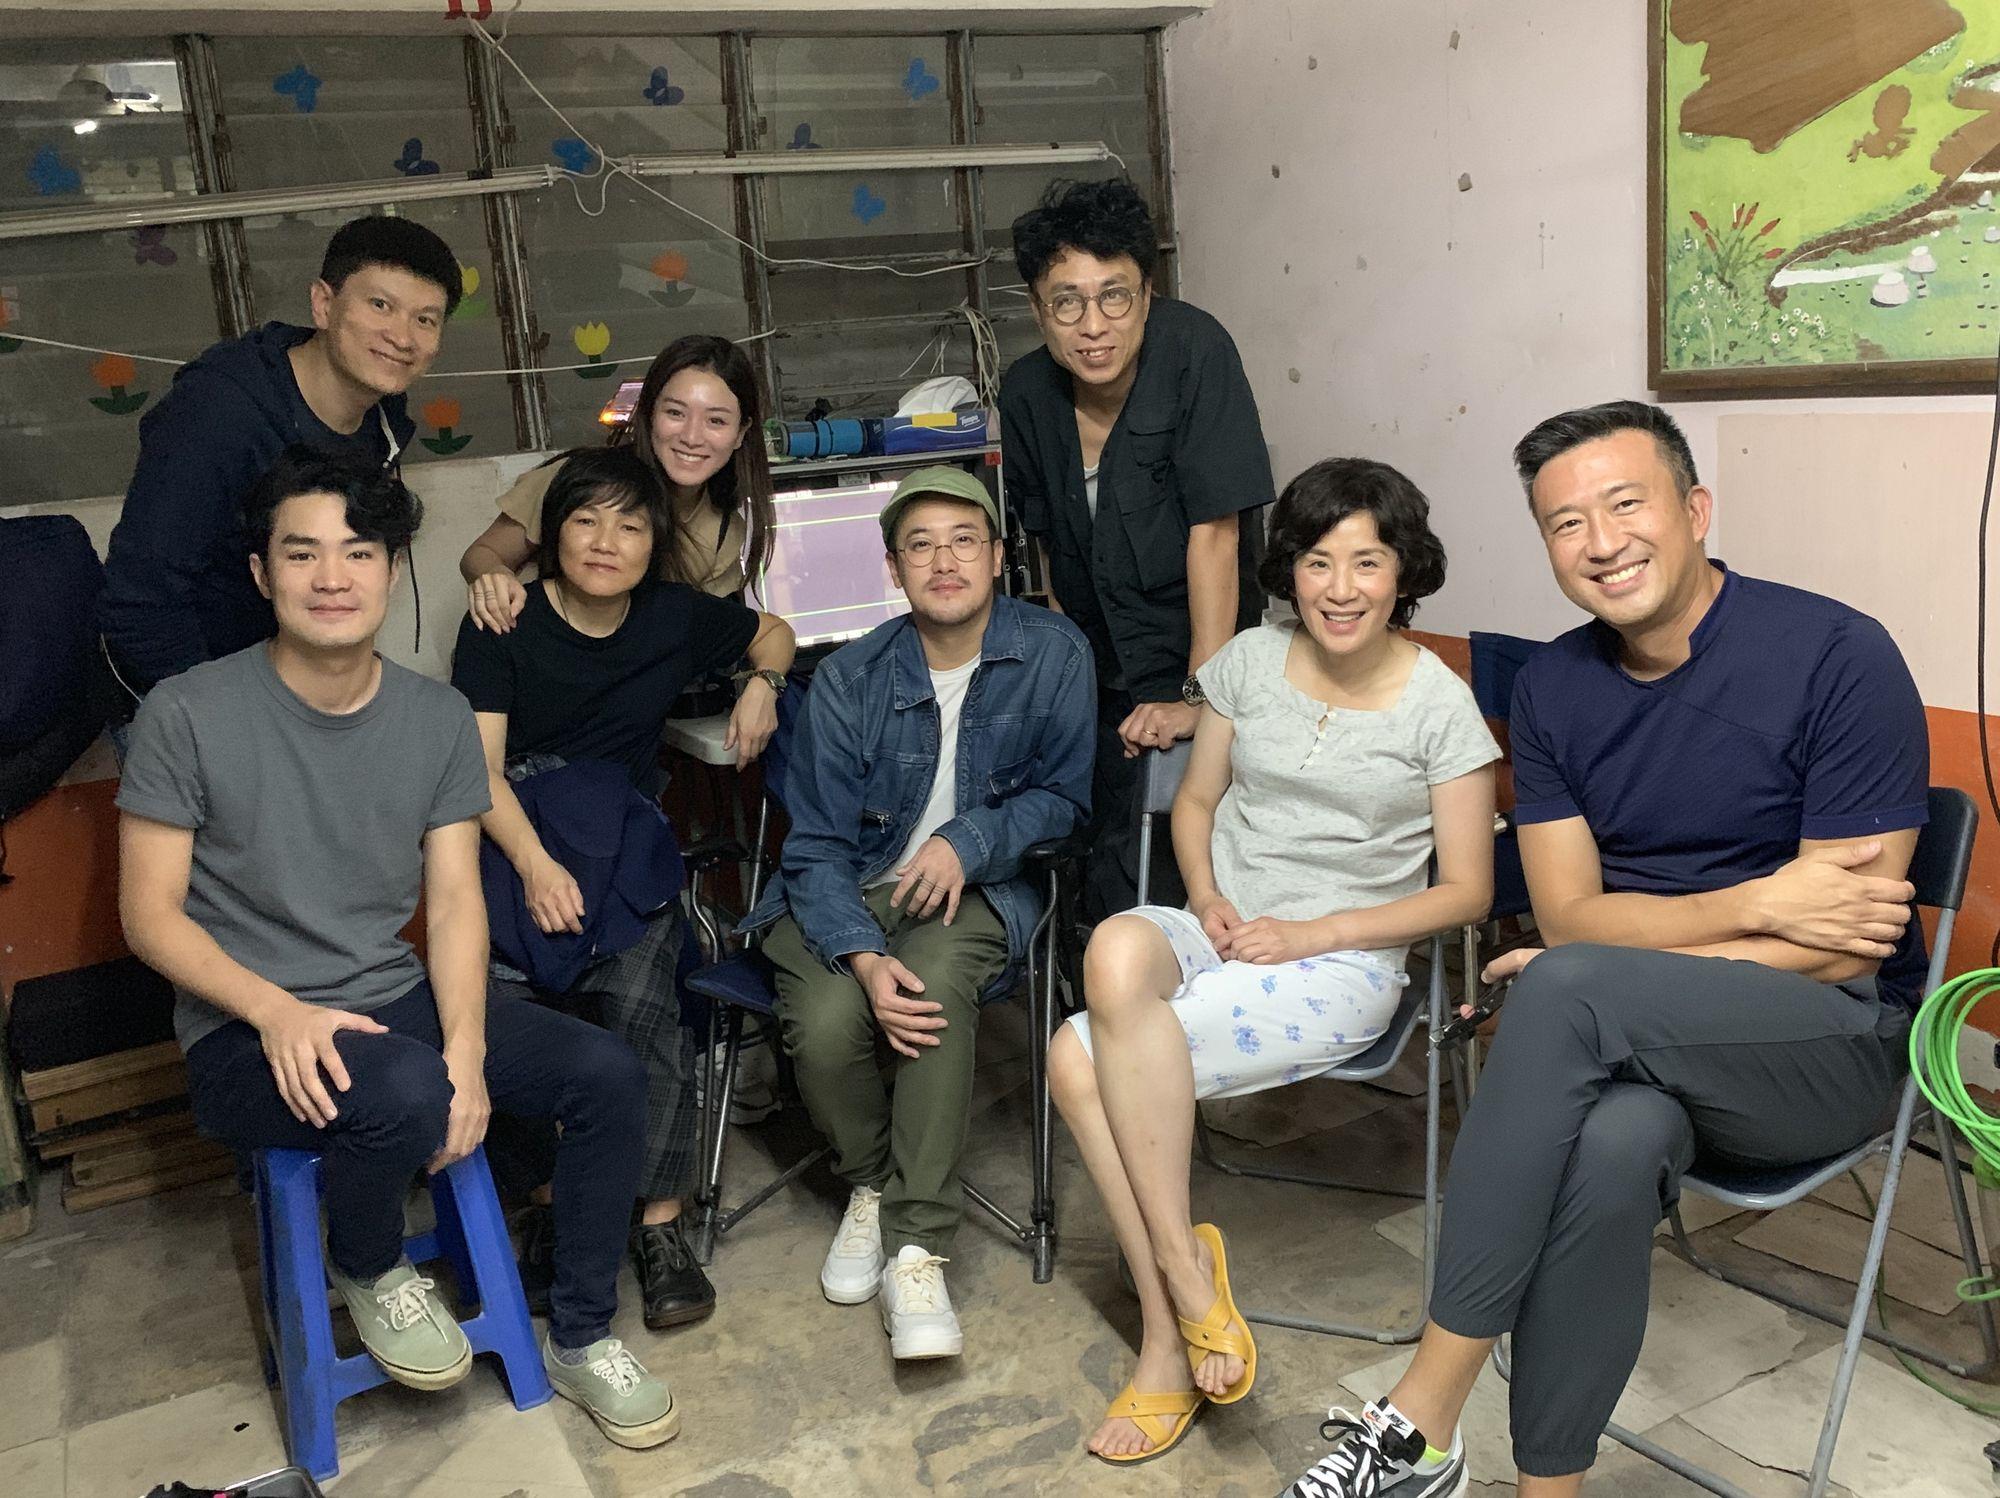 日前拍攝期間,新婚的曾國祥及王敏奕去探班支持「蘇媽」吳君如和導演尹志文。